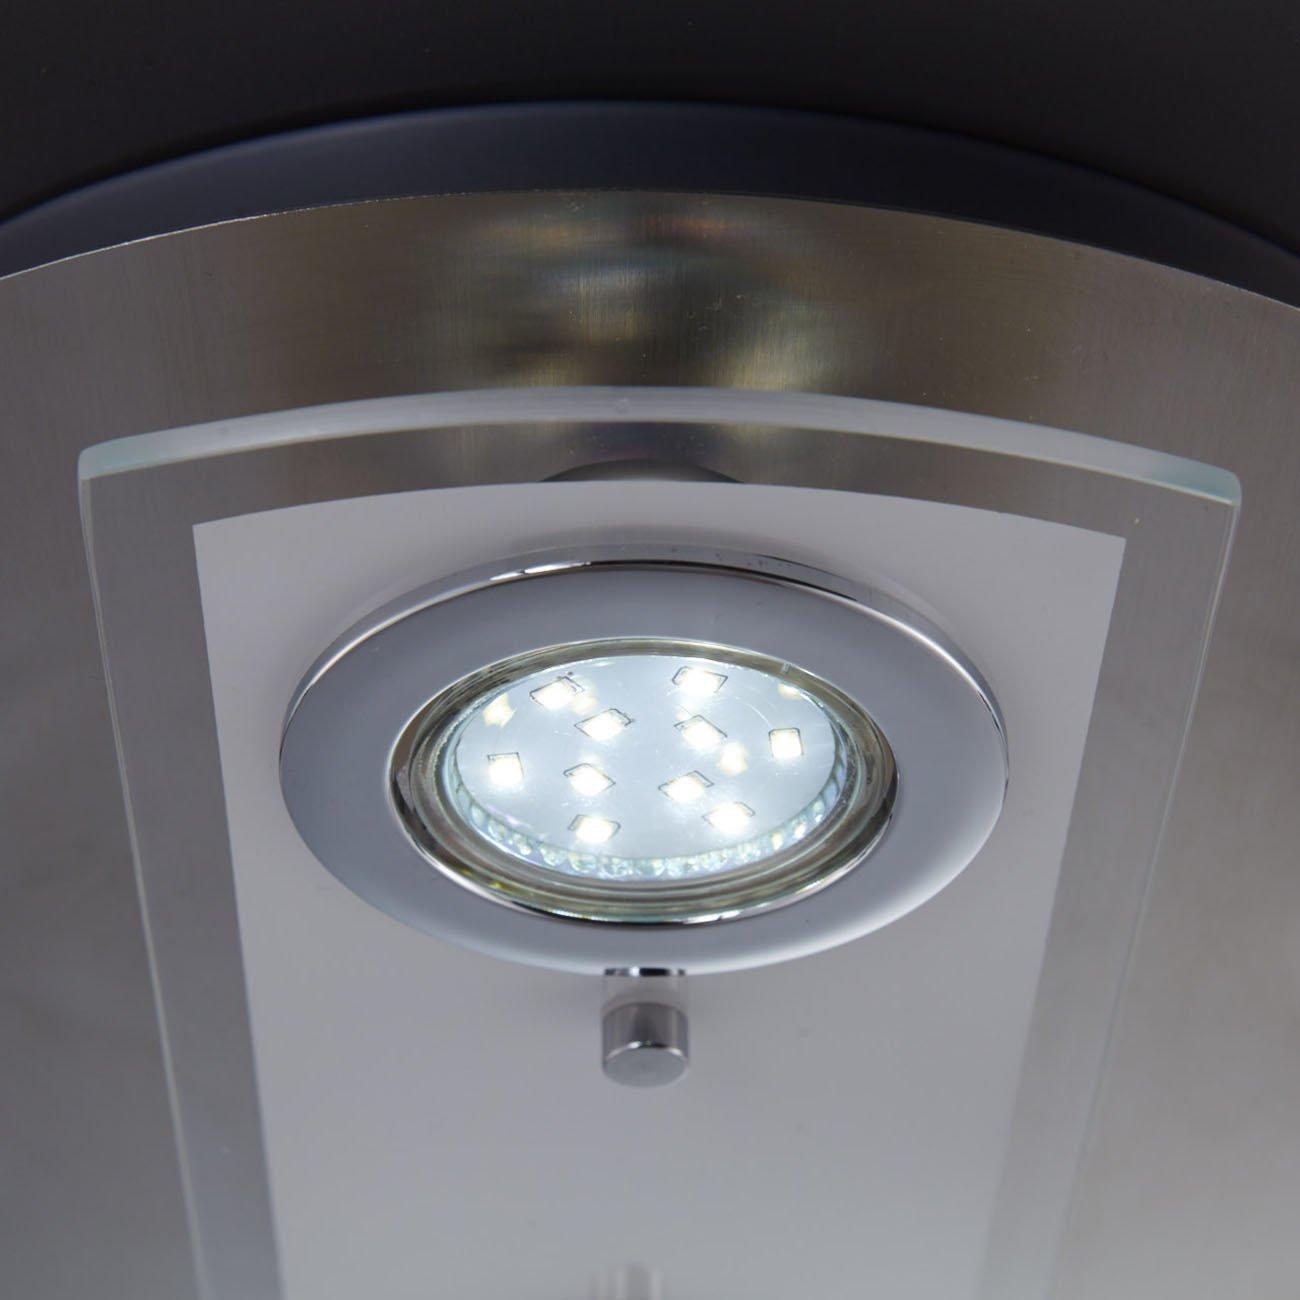 LED Kombi Deckenleuchte Spotleuchte 4-flammig rund - 6